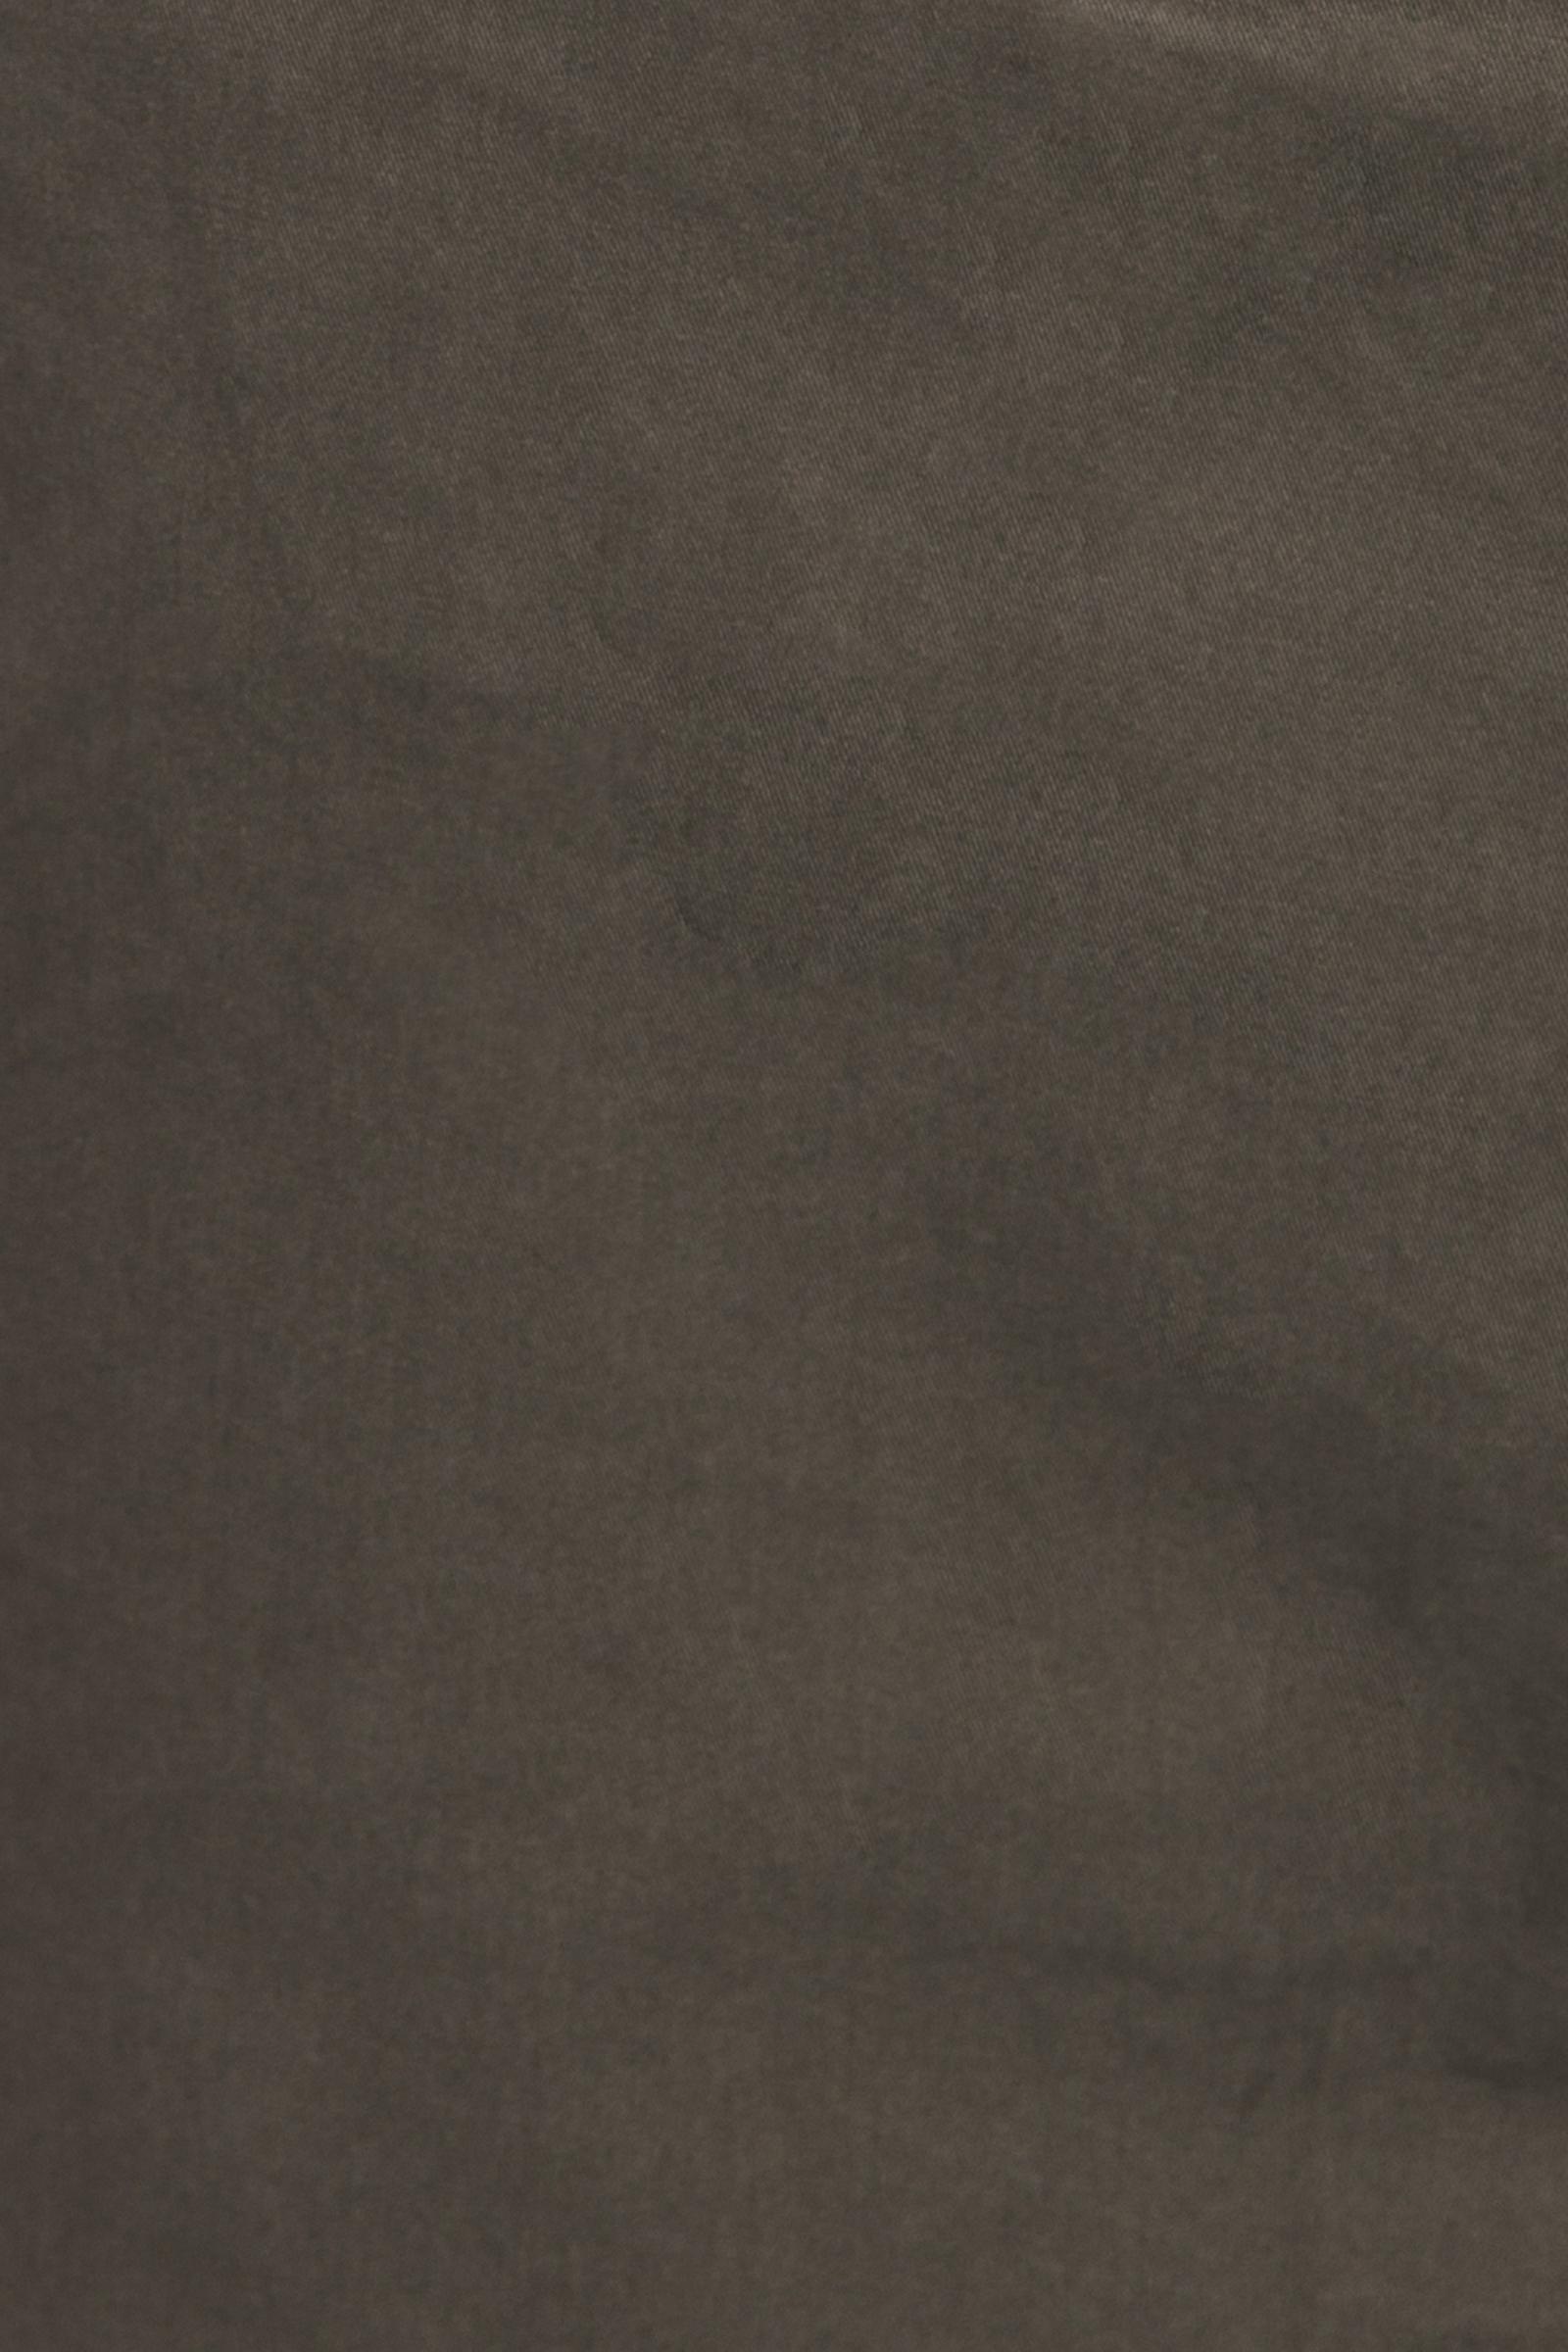 KOAJ-PANTALON KOAJ CHINO CP SLIM 9 1/18